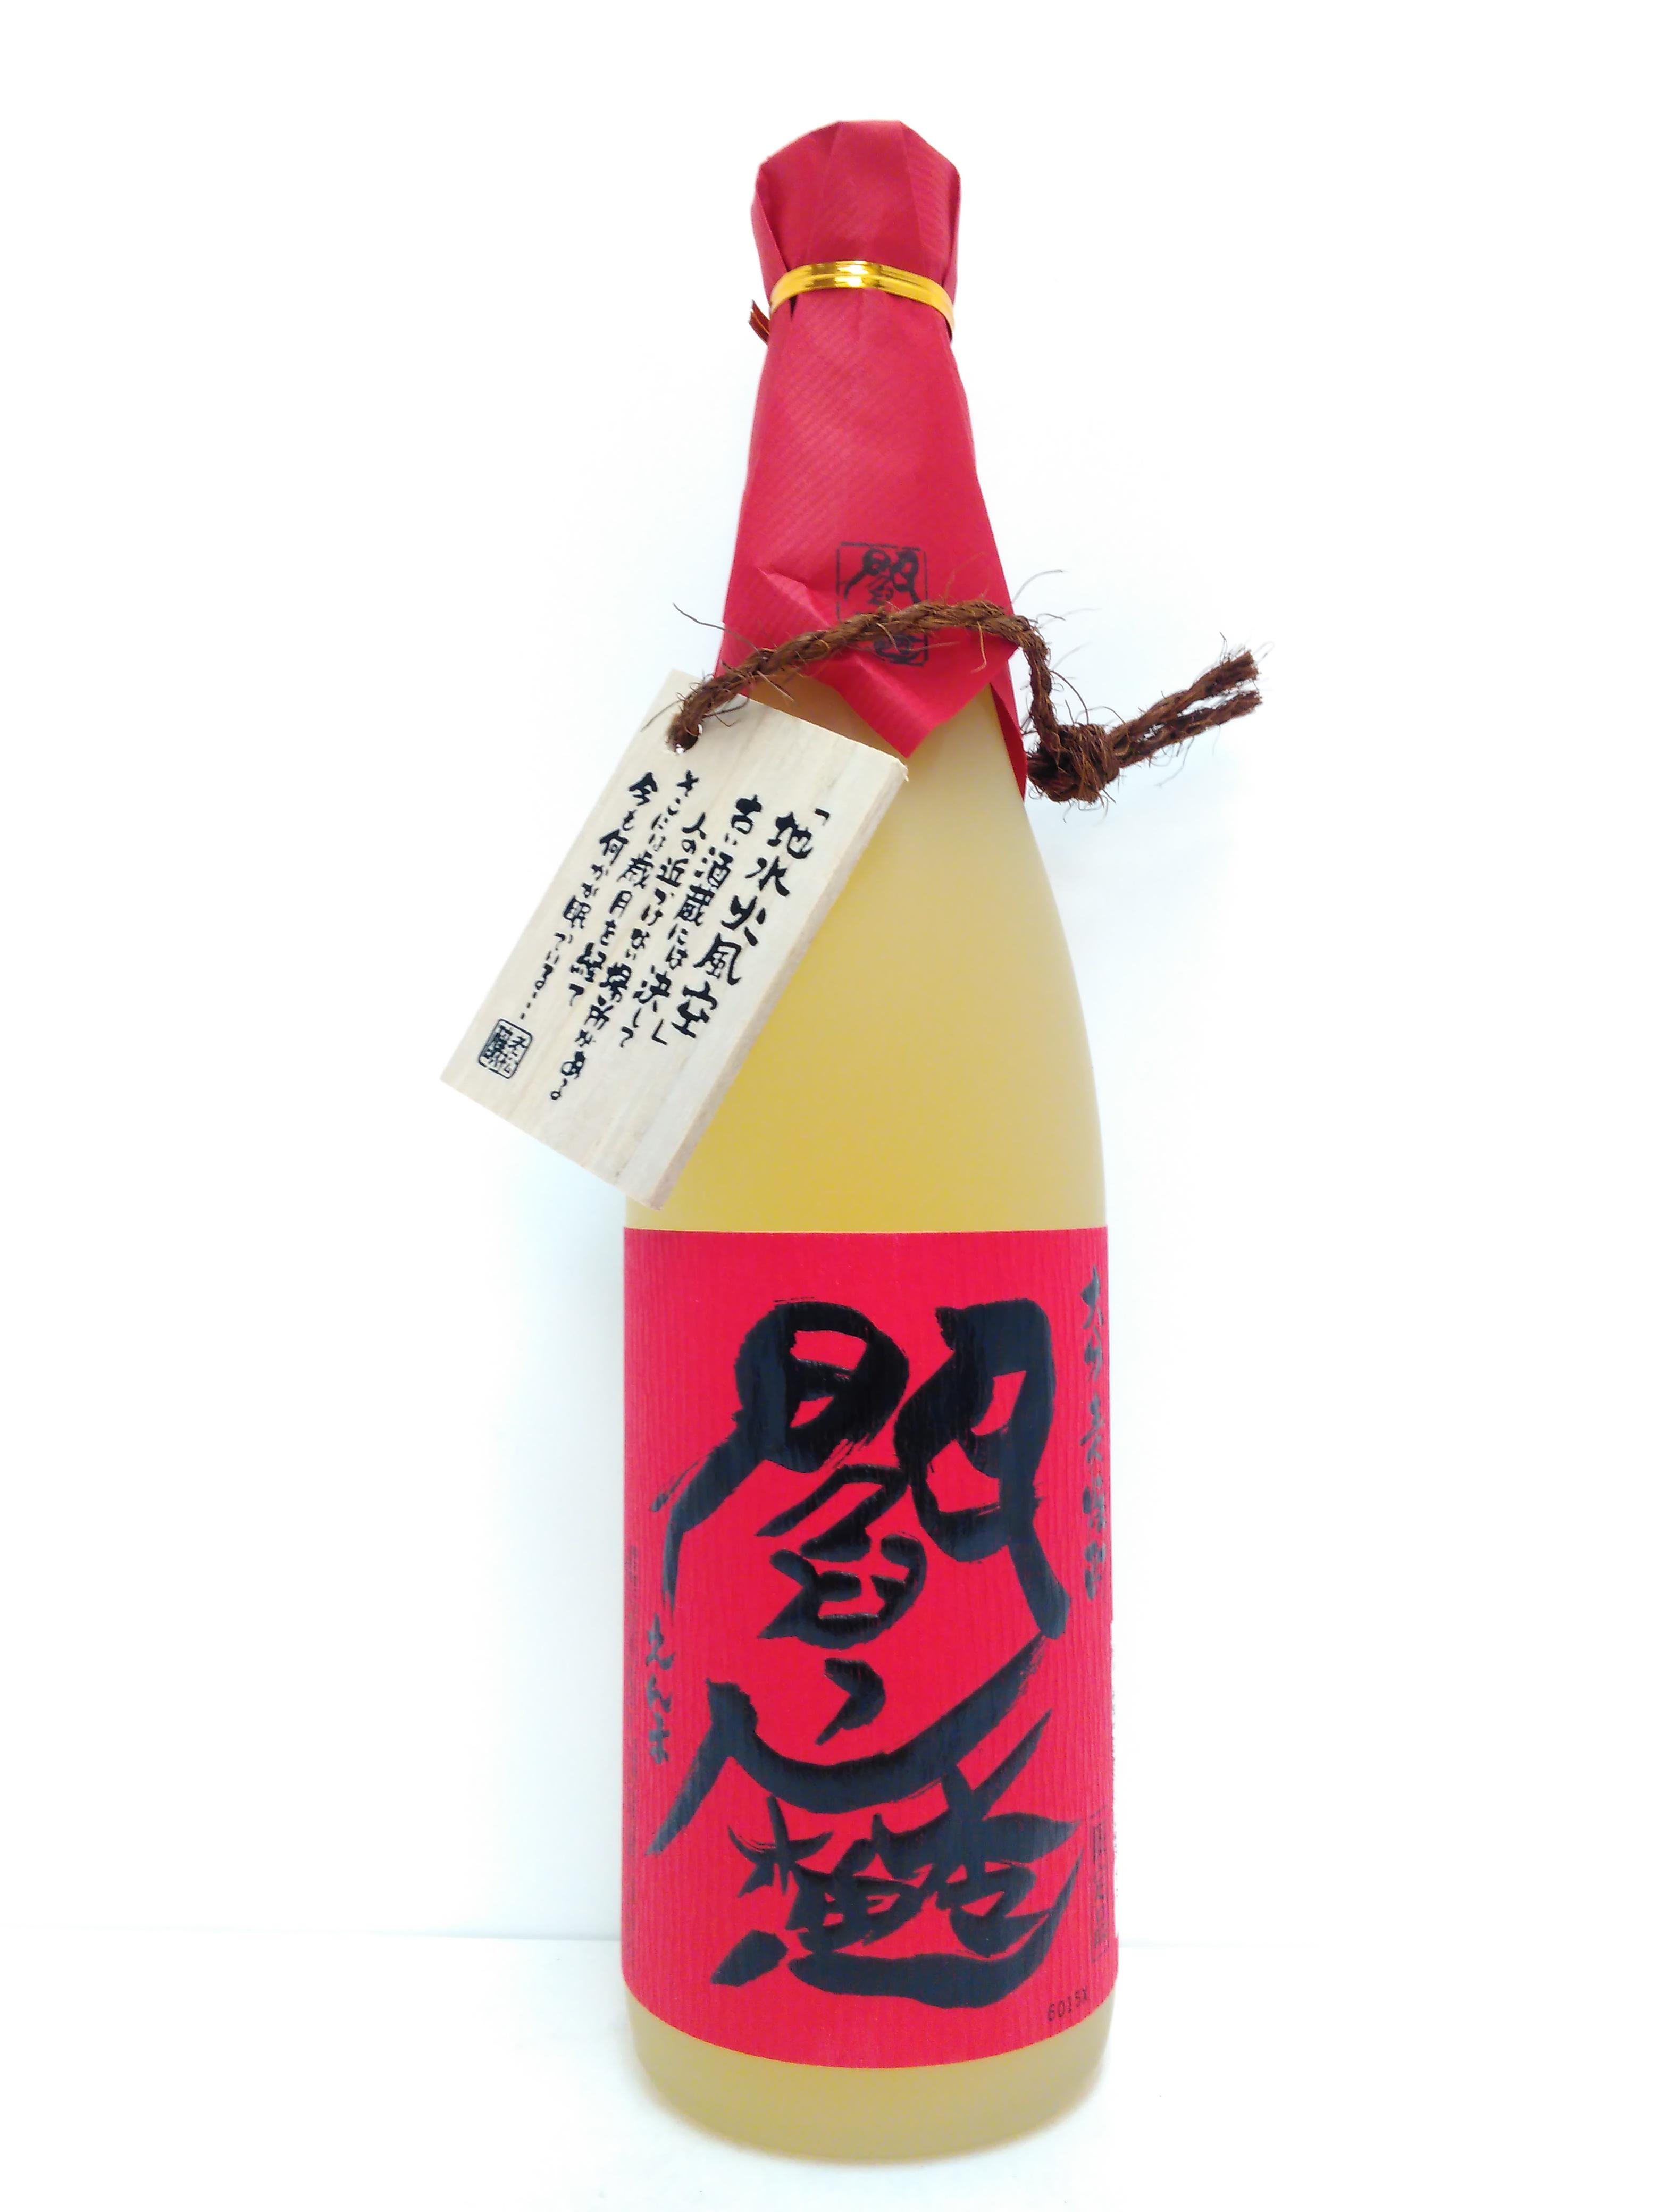 閻魔 長期貯蔵麦焼酎(赤閻魔) 25度 720ml